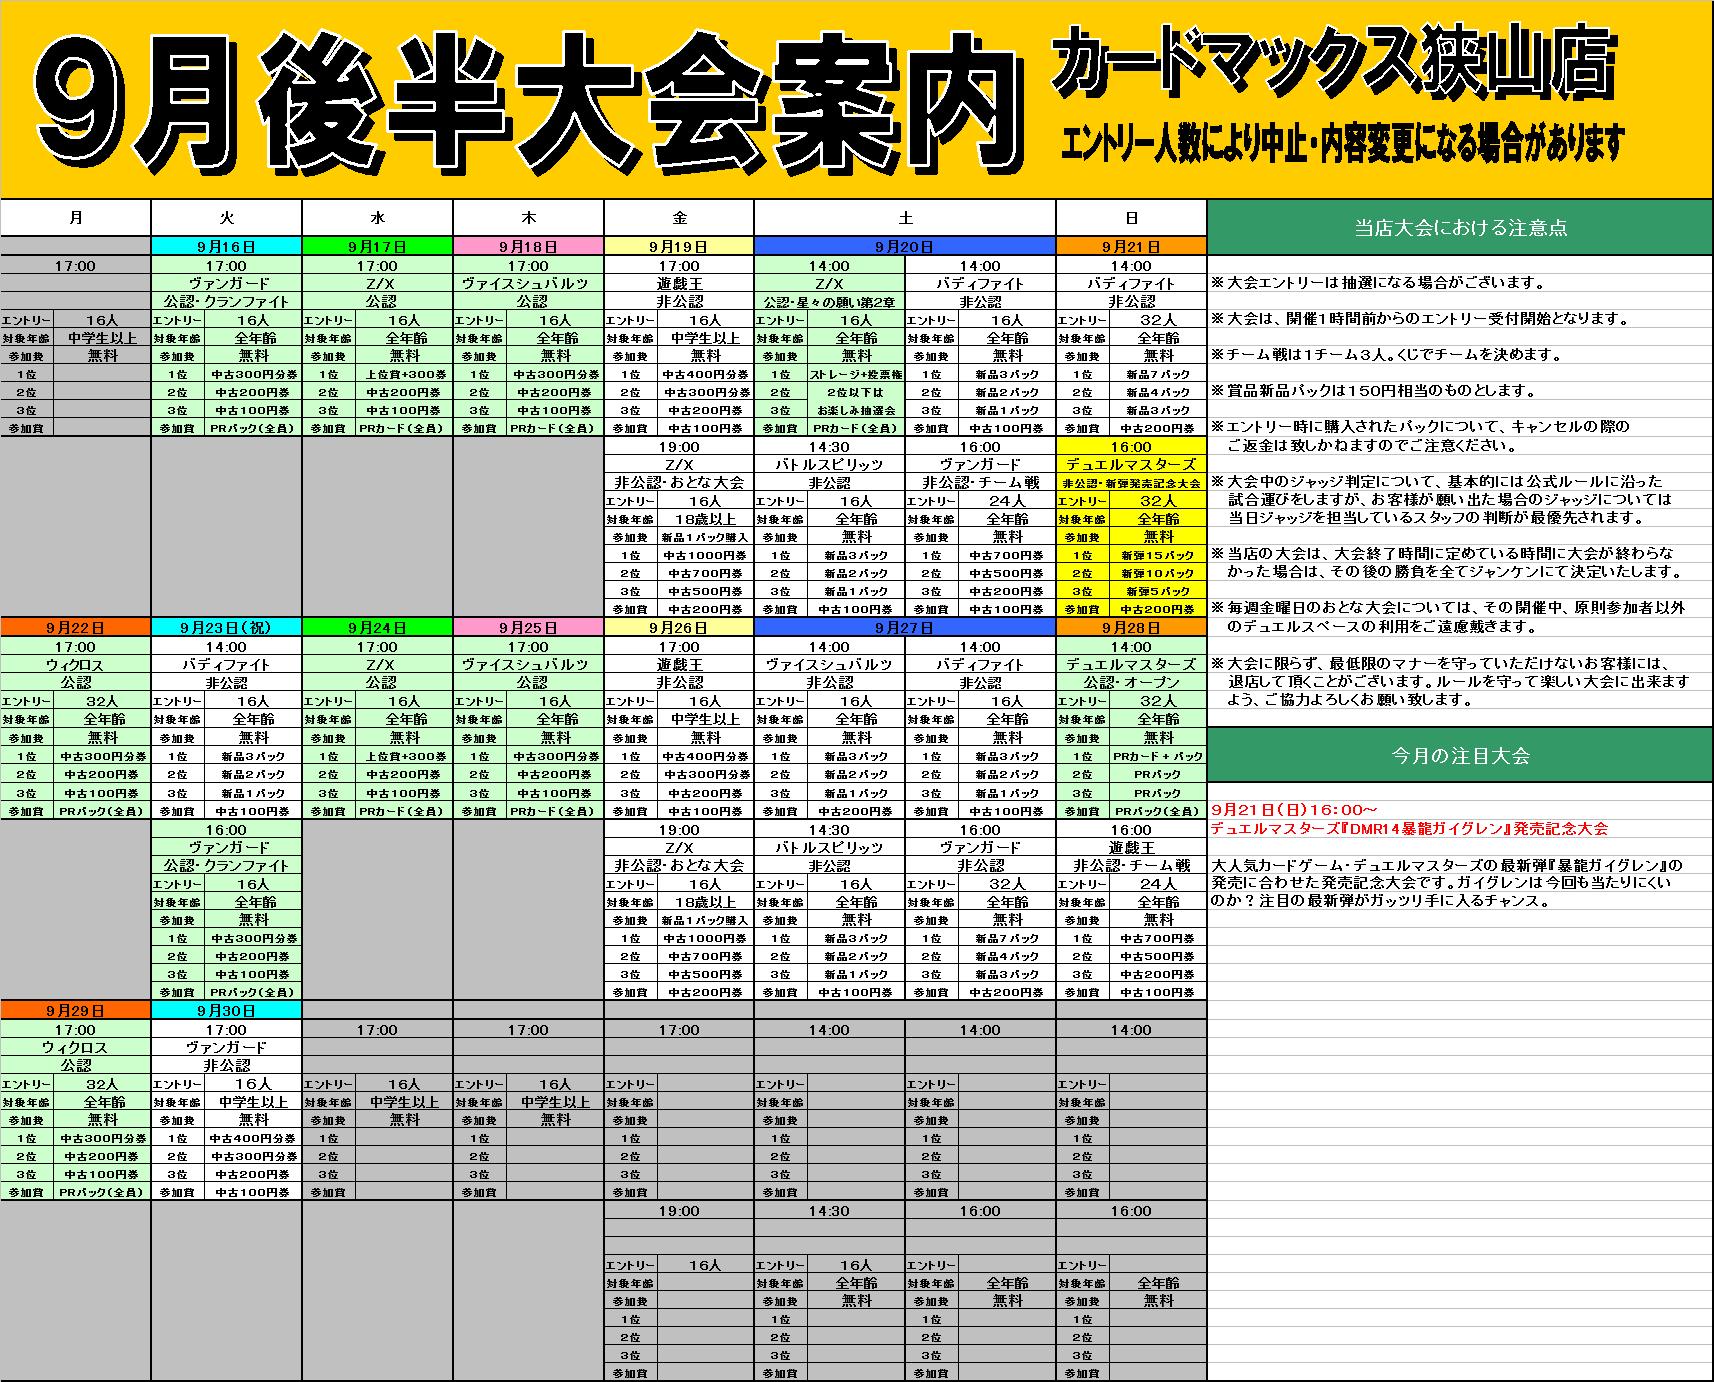 【狭山店】9月後半大会予定_d0259027_20331962.png